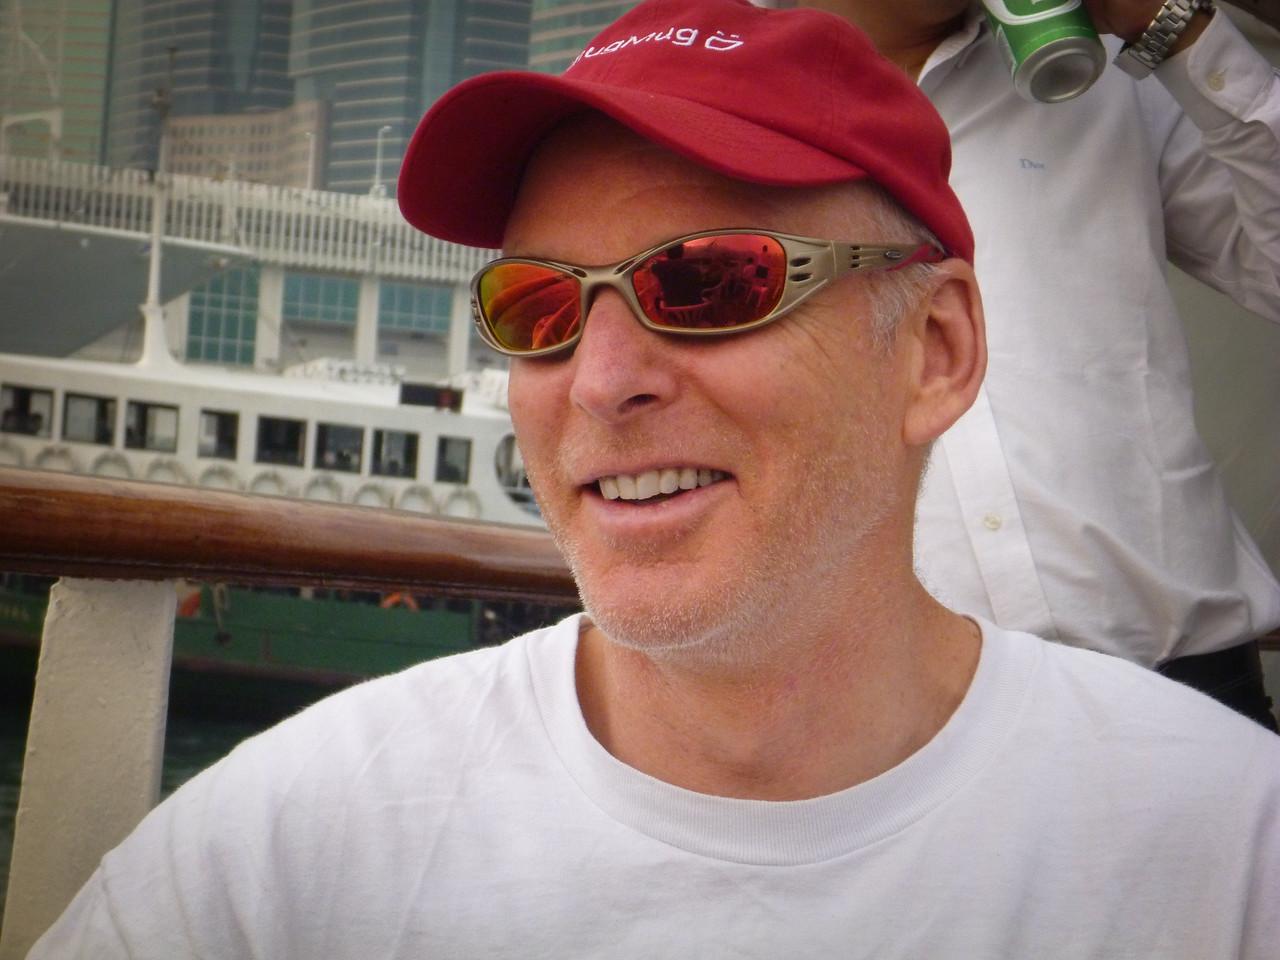 Baldy in Hong Kong